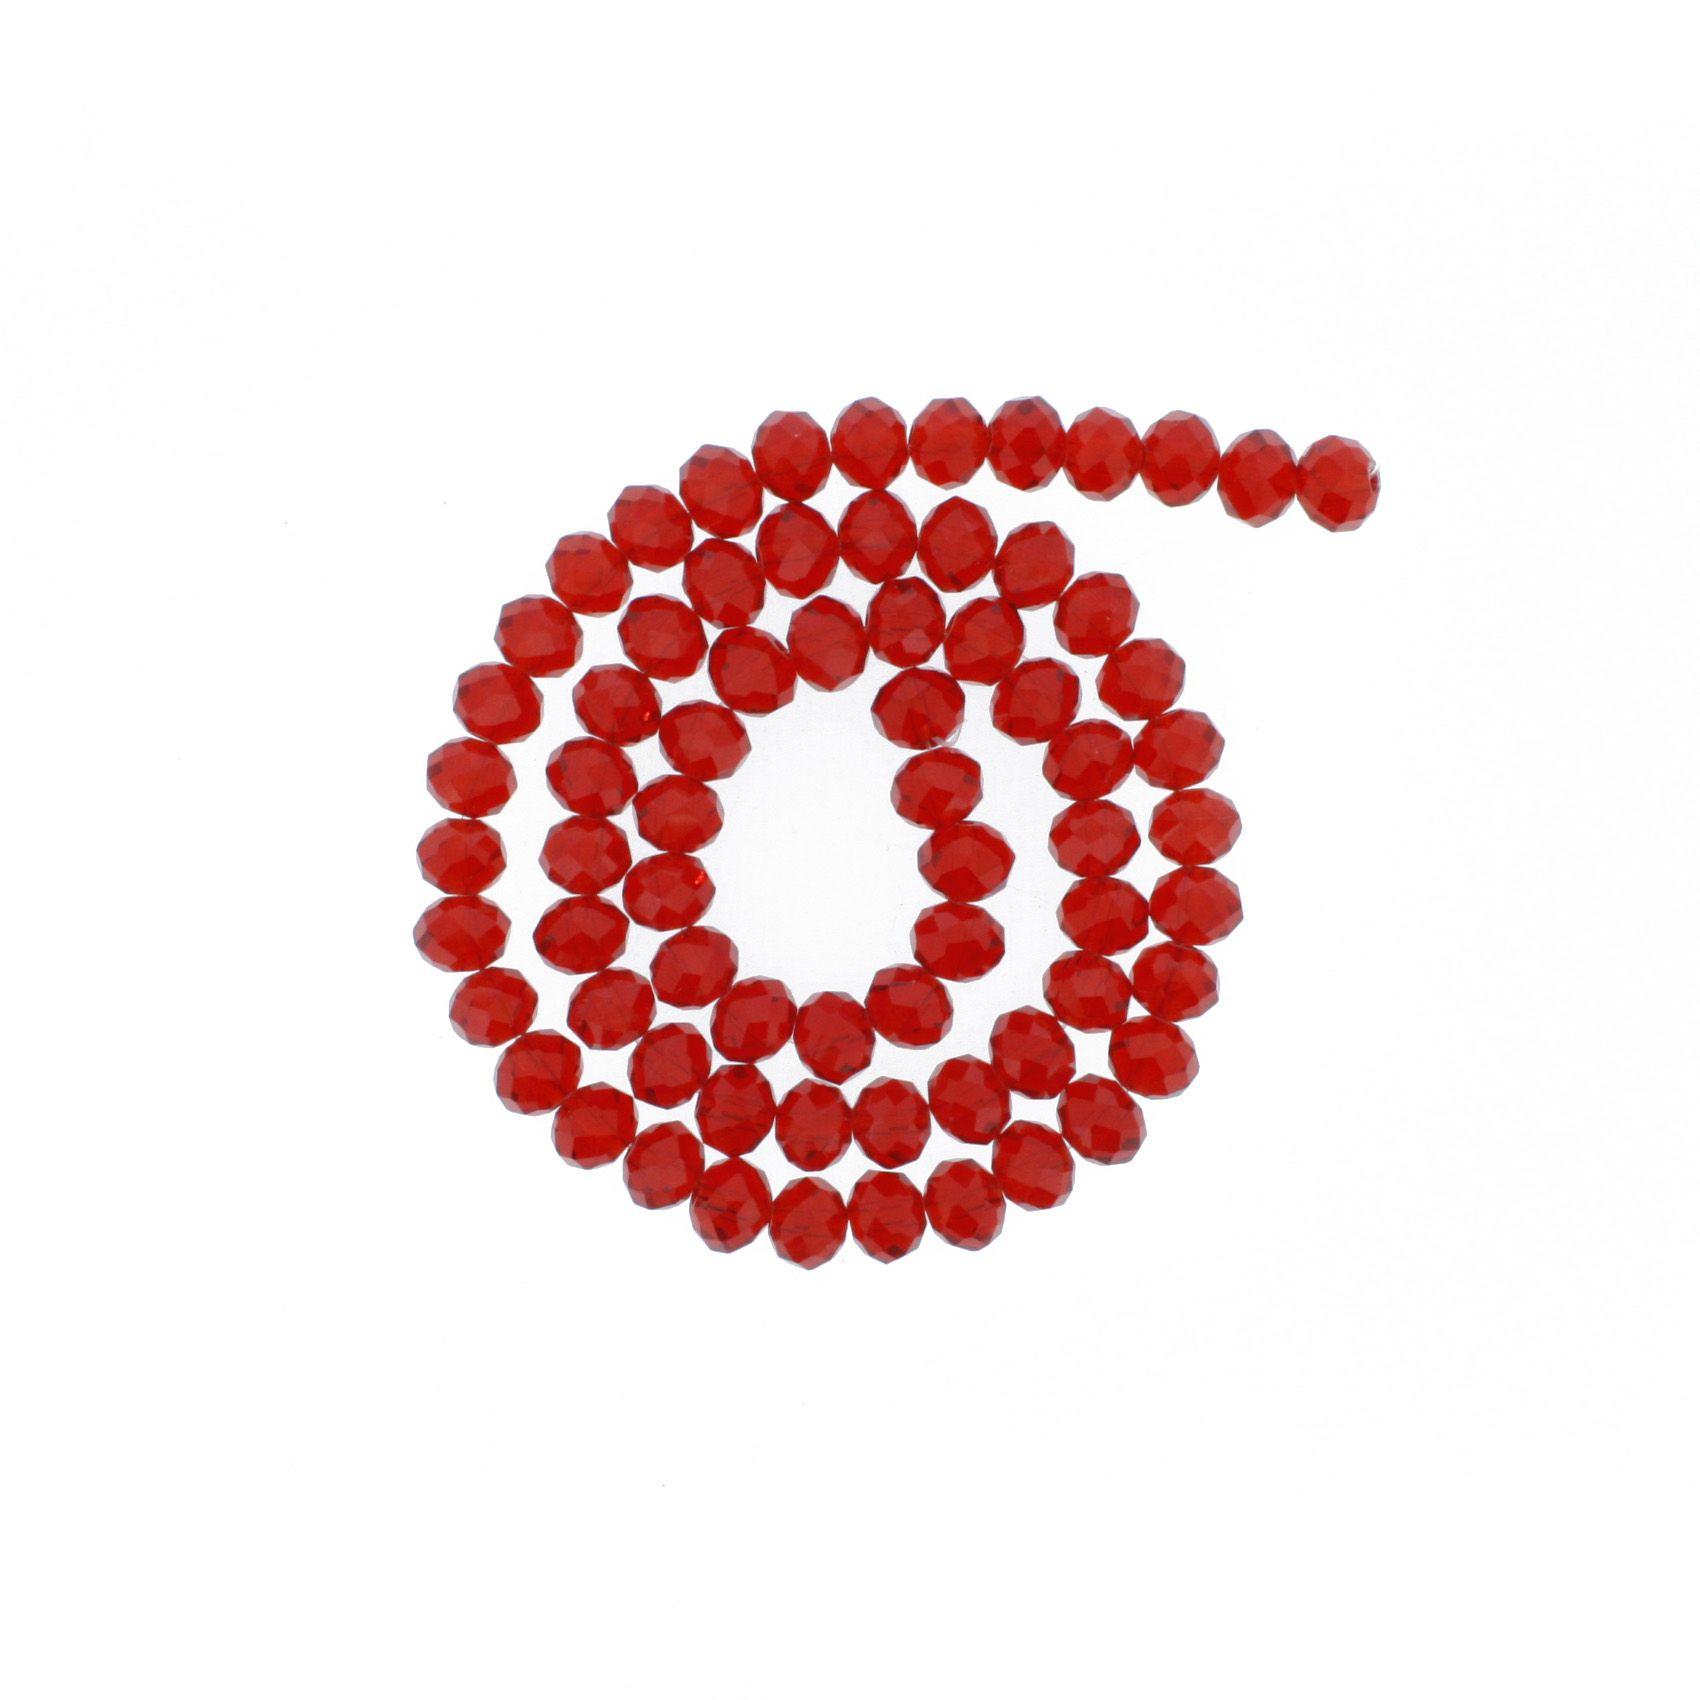 Fio de Cristal - Flat® - Vermelho Transparente - 8mm  - Stéphanie Bijoux® - Peças para Bijuterias e Artesanato